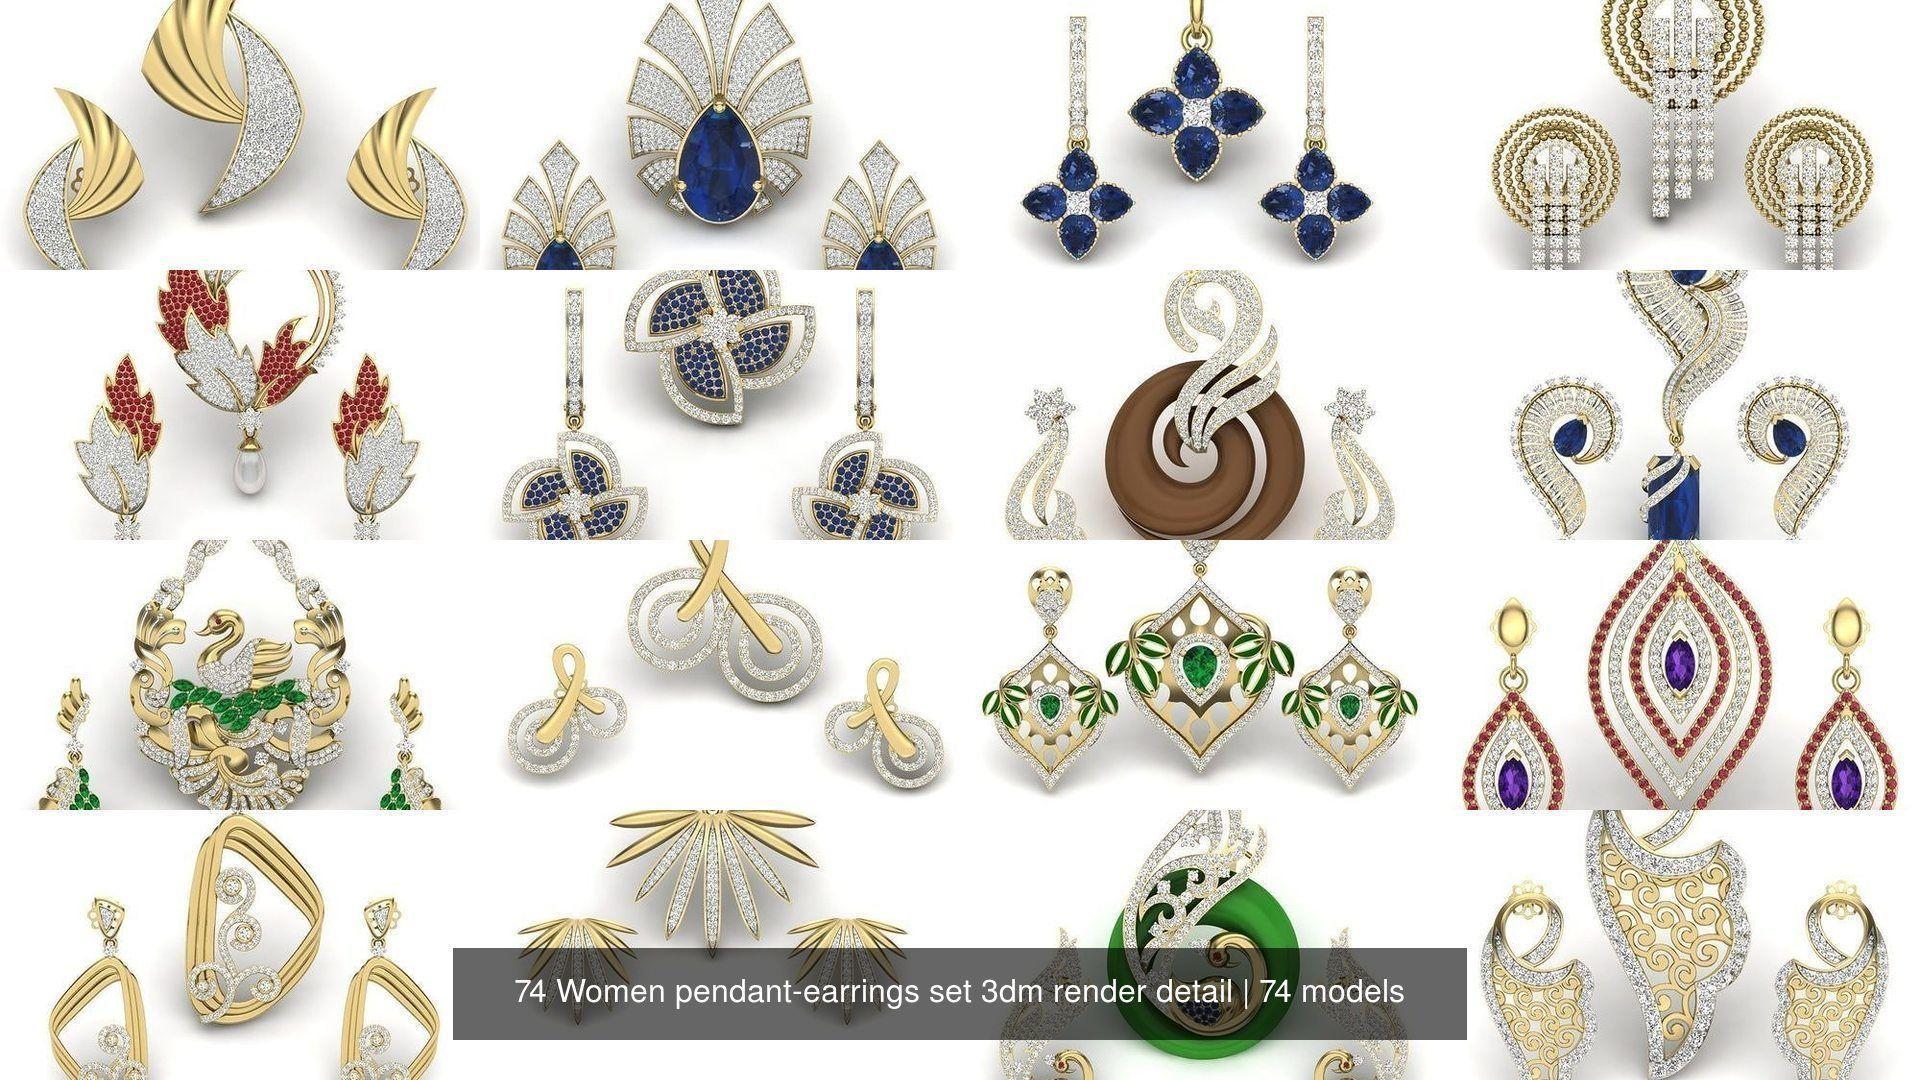 74 Women pendant-earrings set 3dm render detail